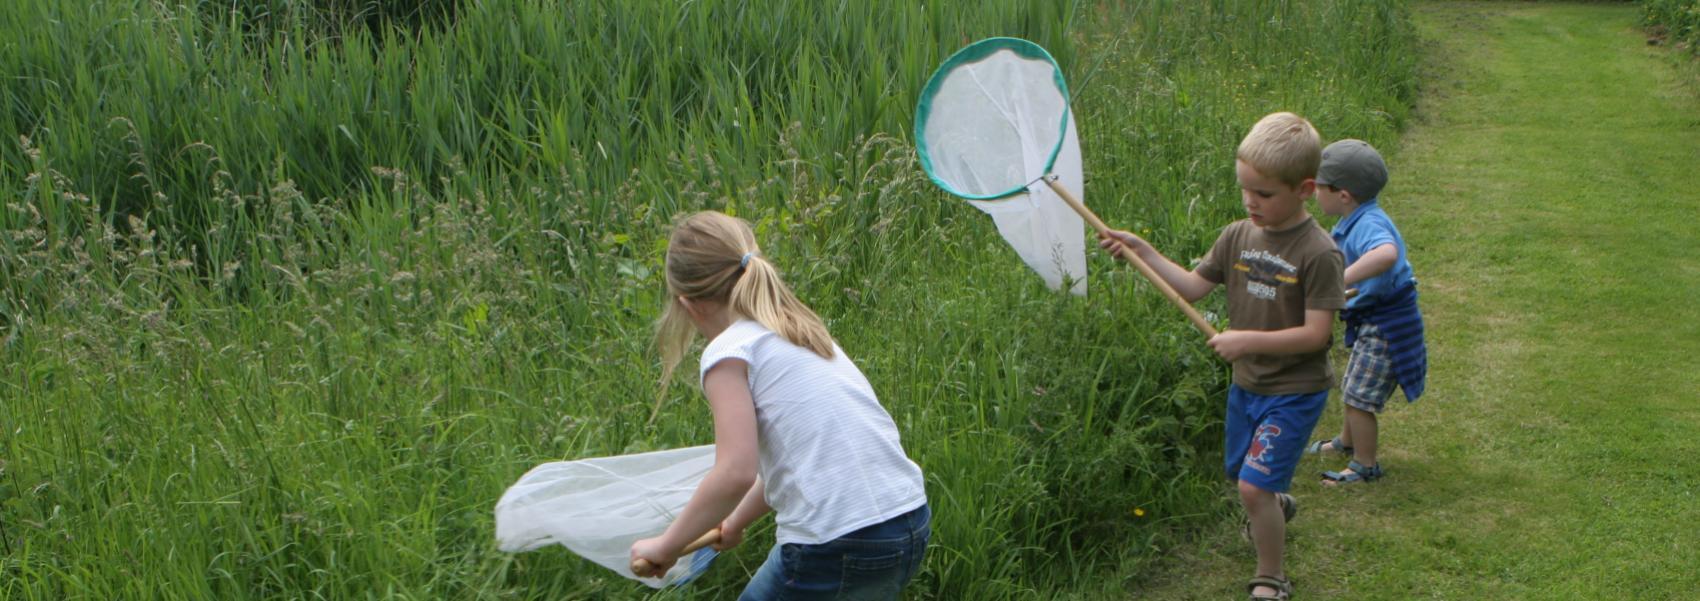 kinderen met vlindernetjes